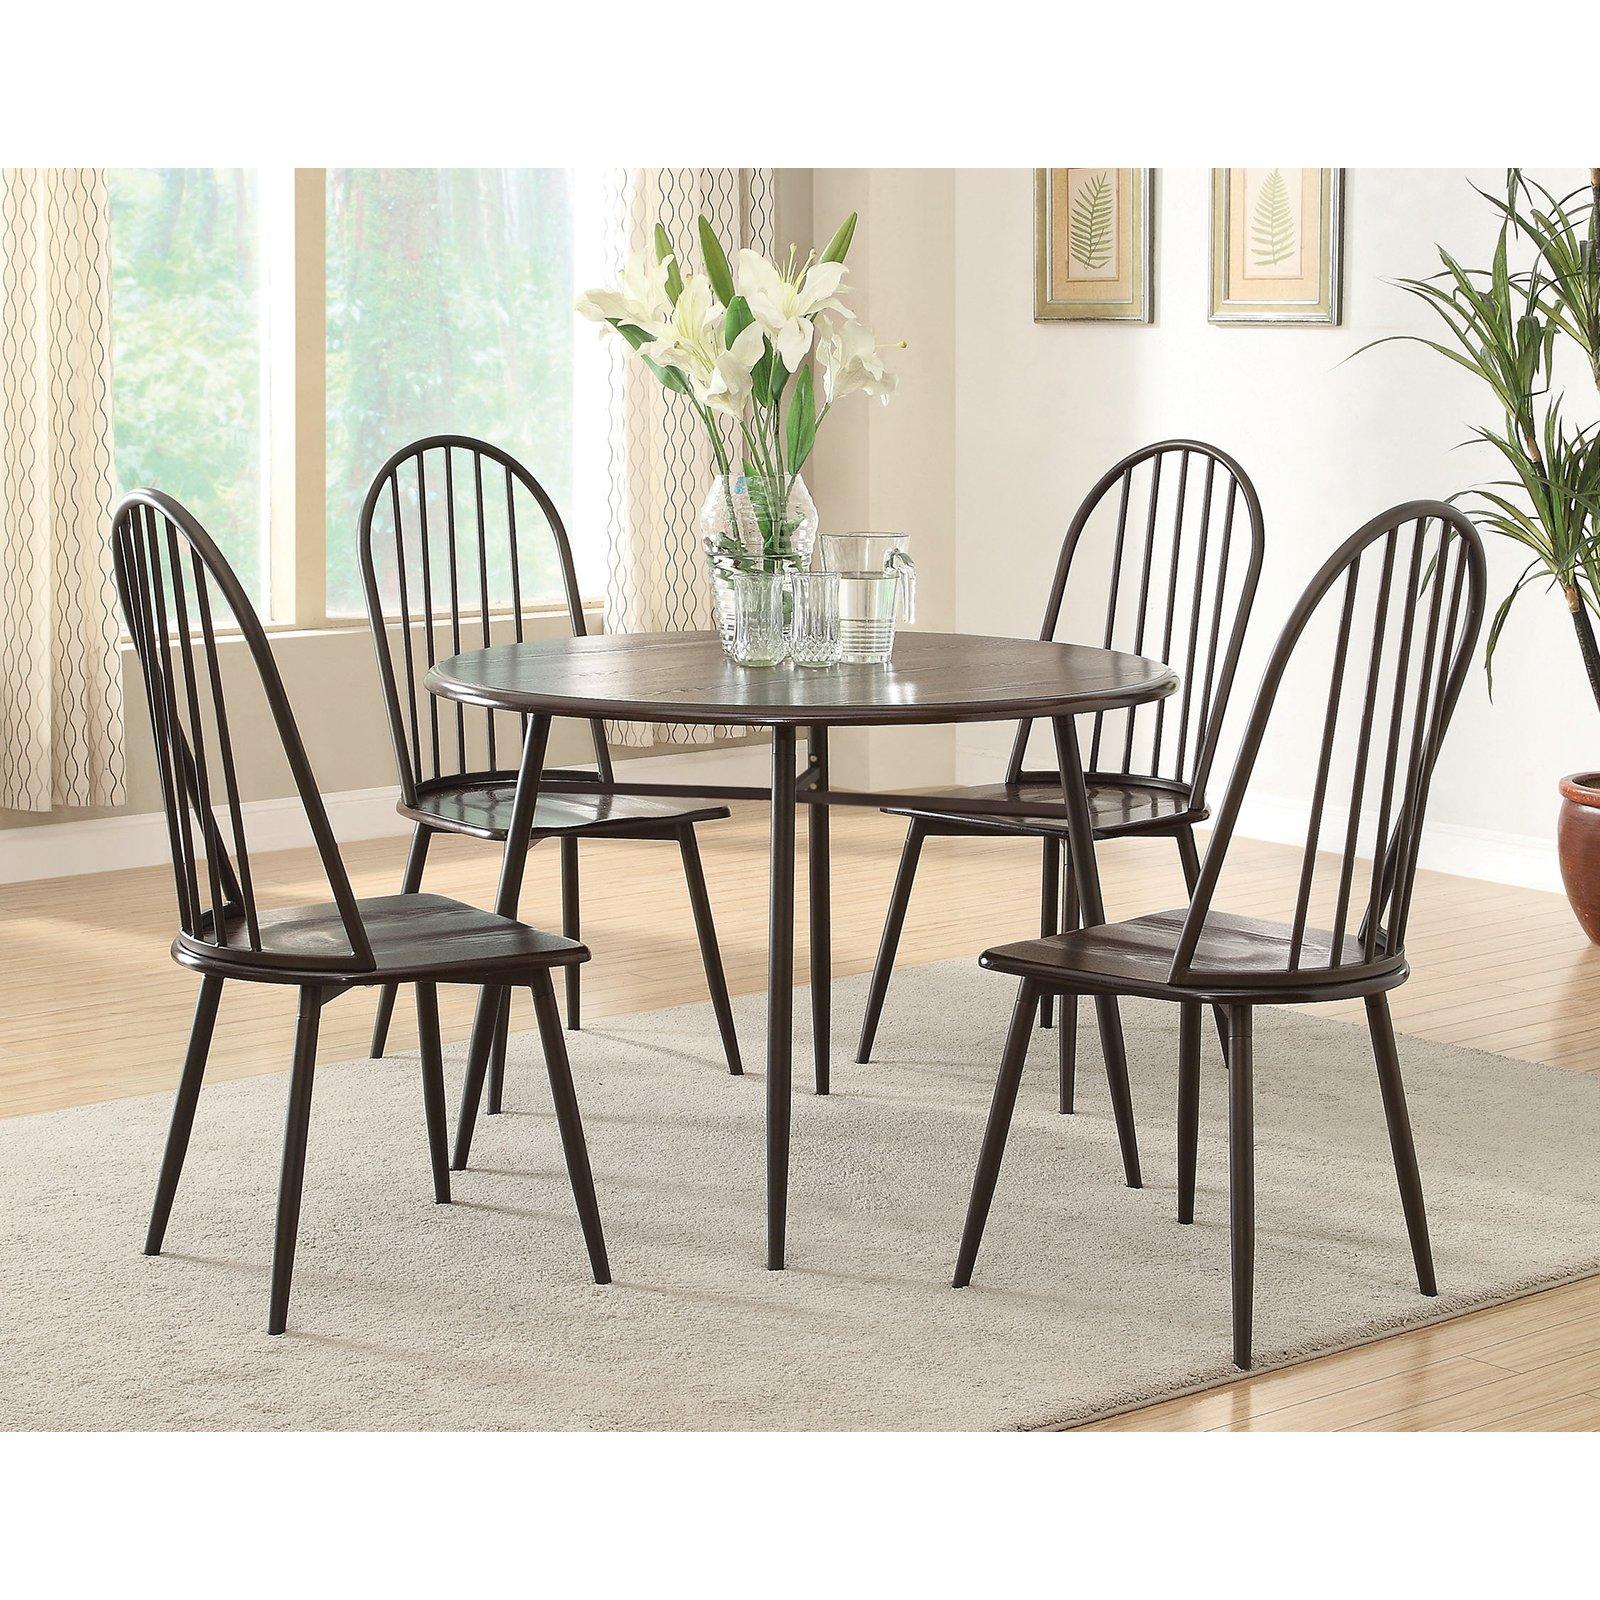 Furniture of America Metelika 5-Piece Windsor Dining Set - Matte Black